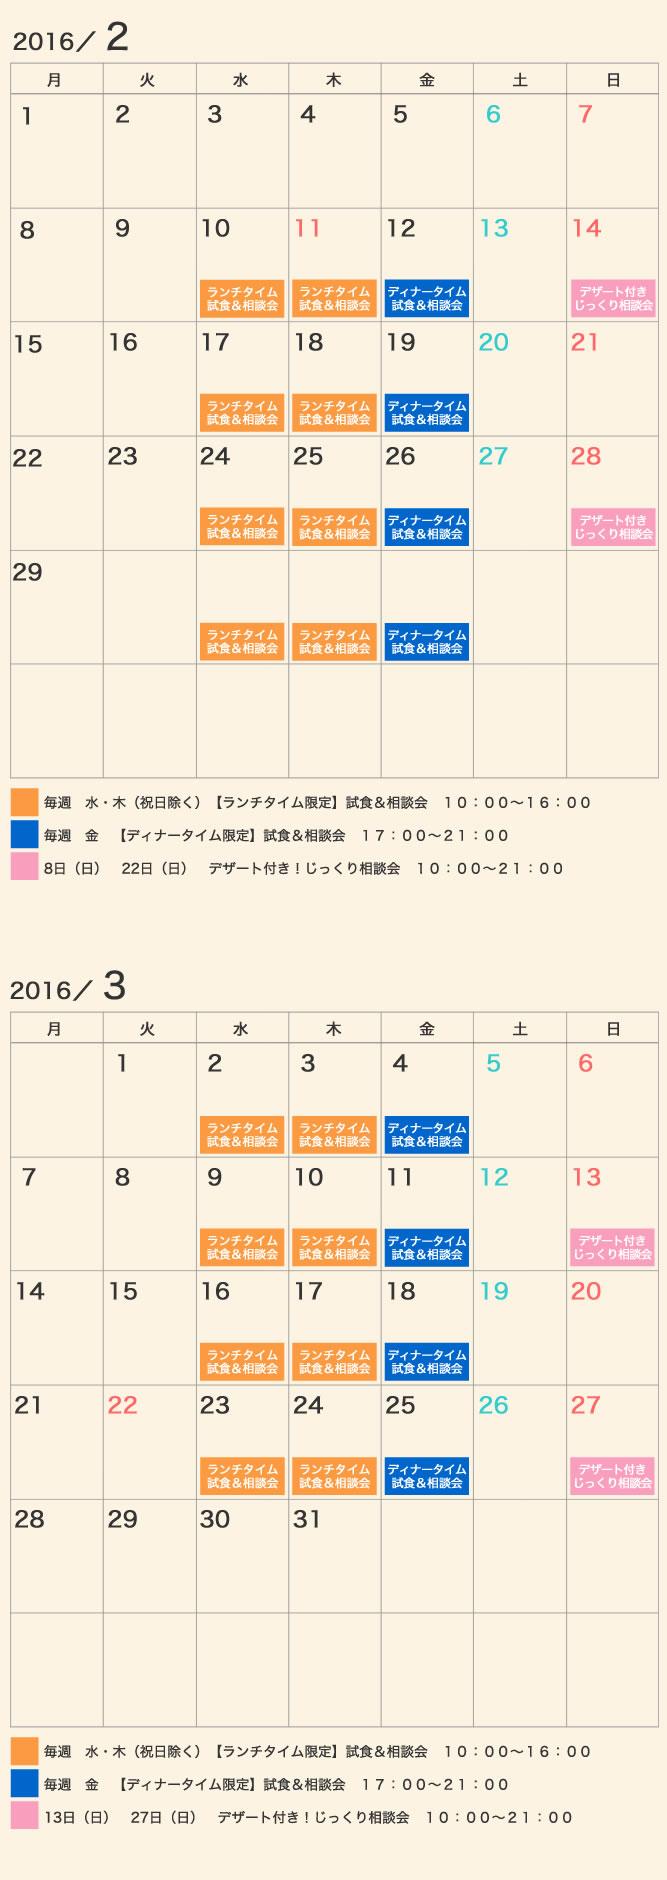 ブライダルニュースカレンダー_r3_c2